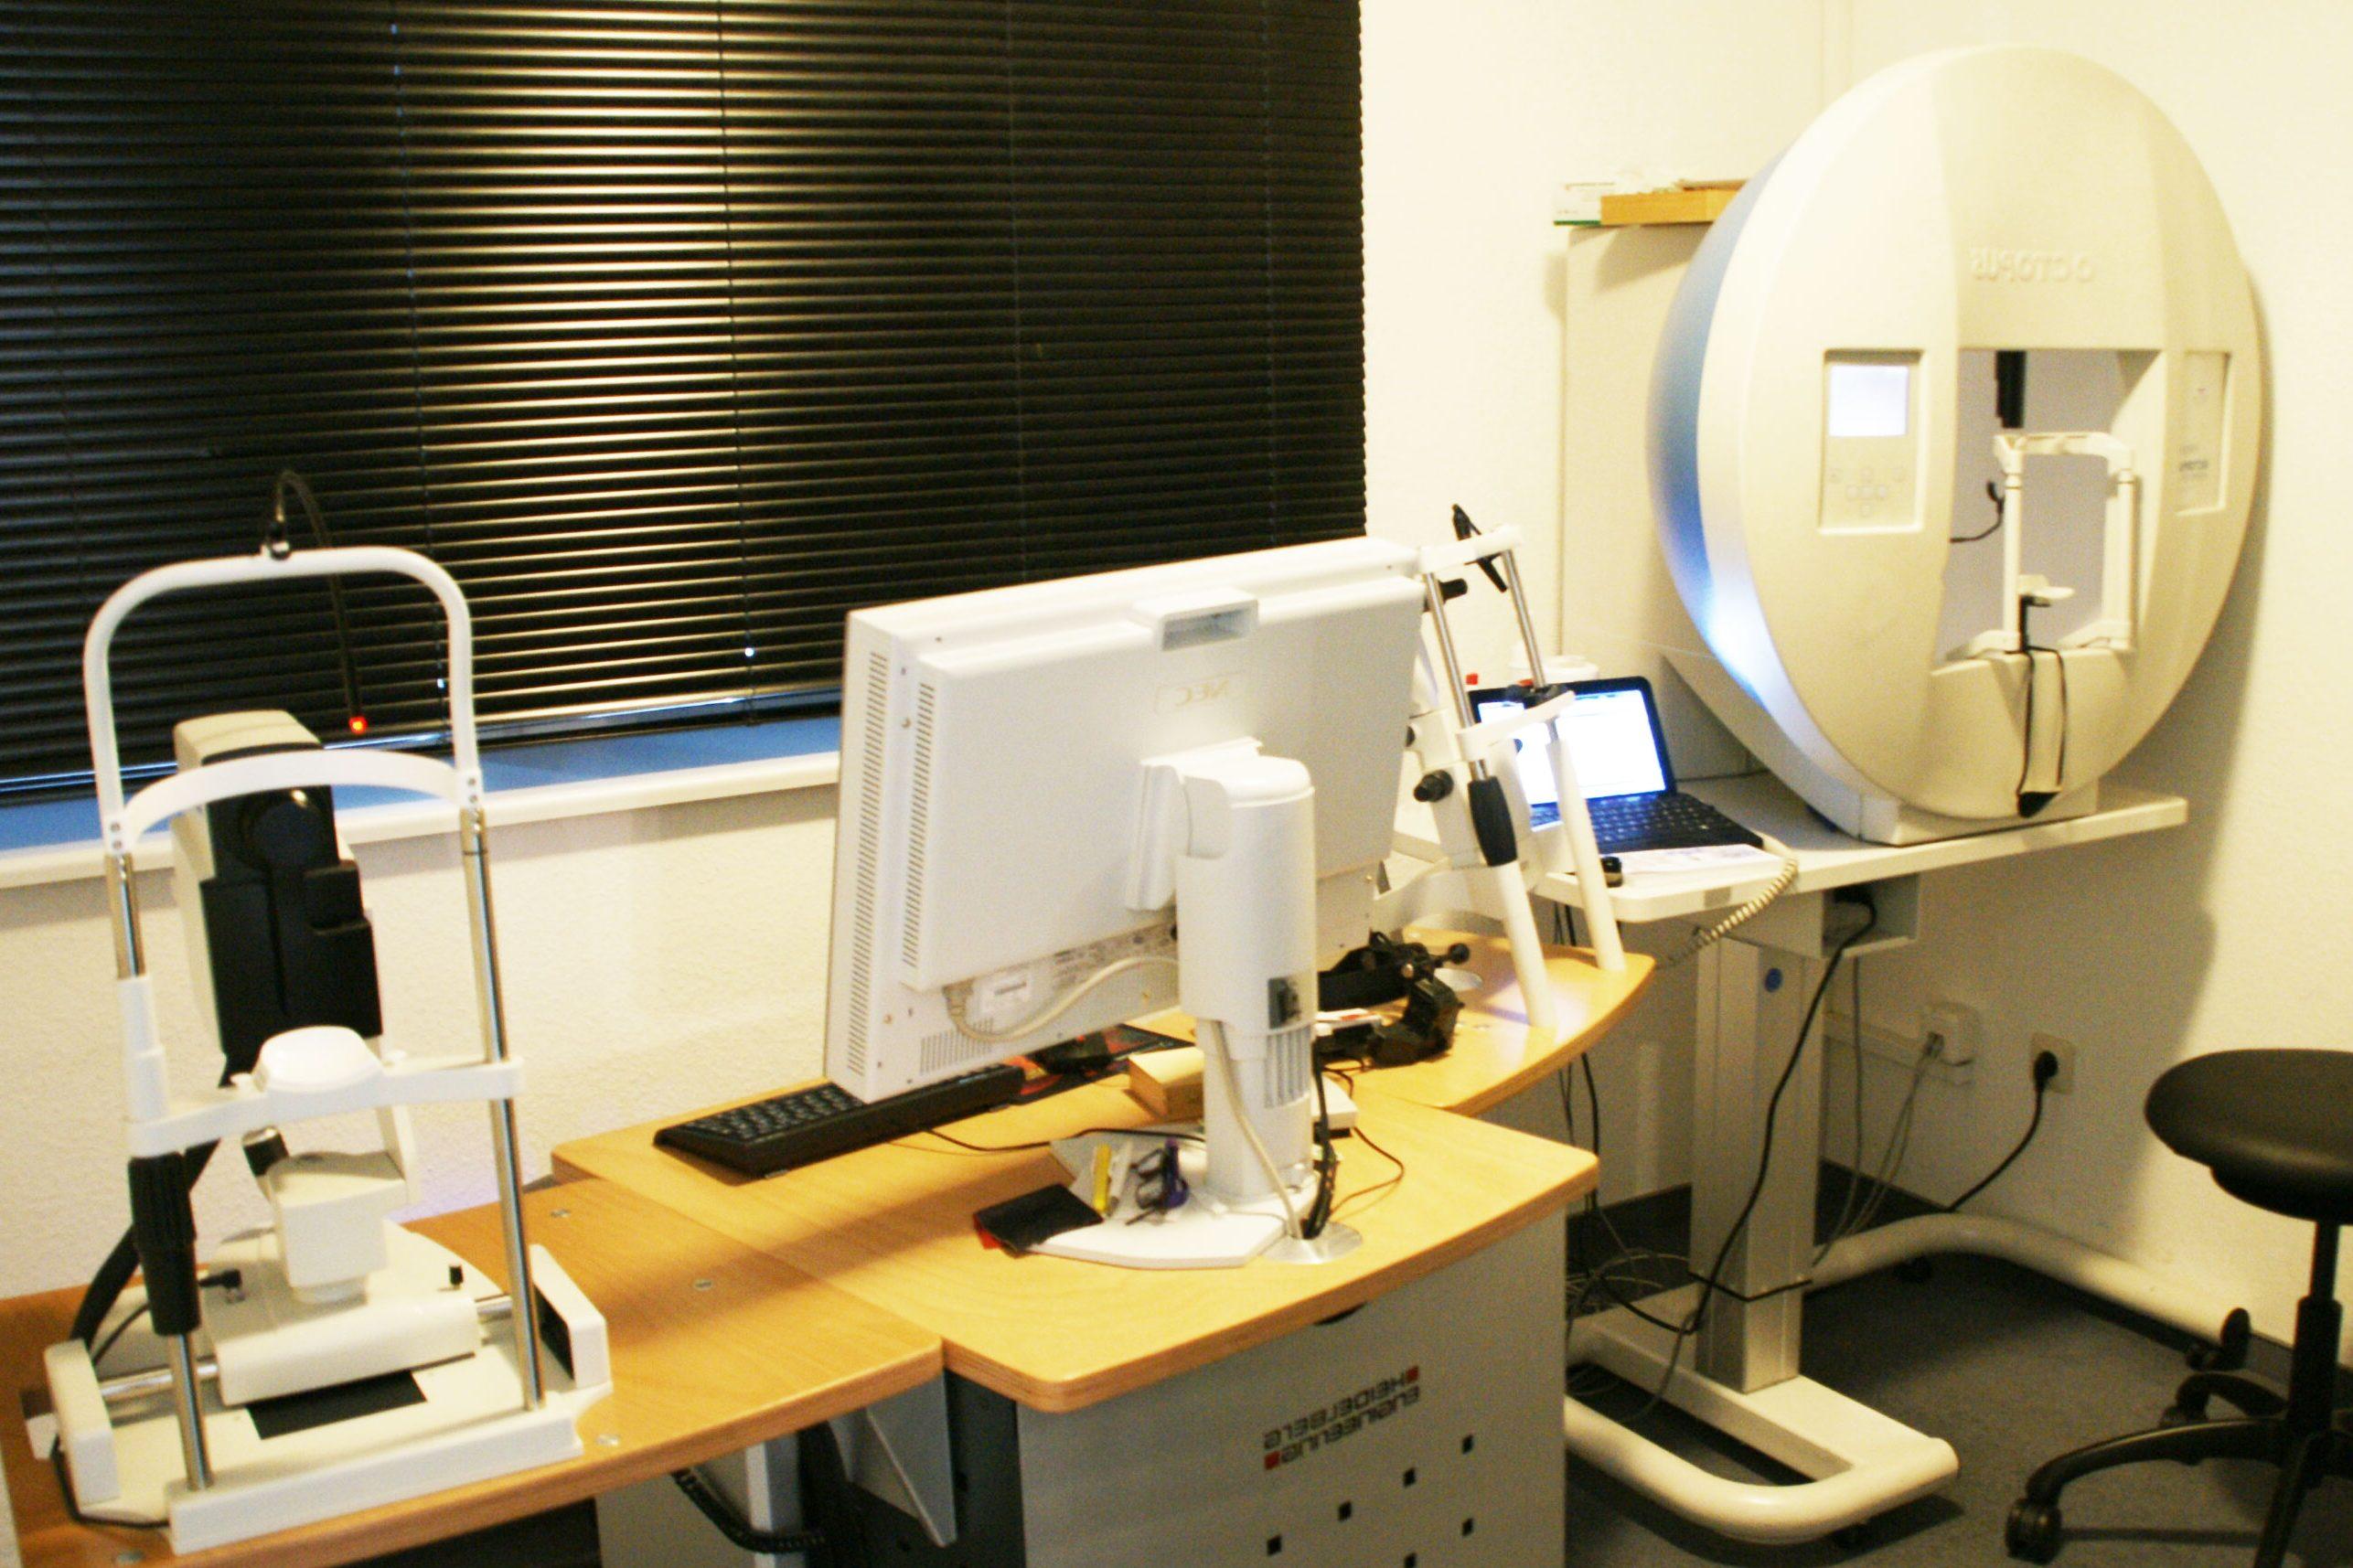 Praxis-Dr.-Dwinger-Moderne-Augendiagnose